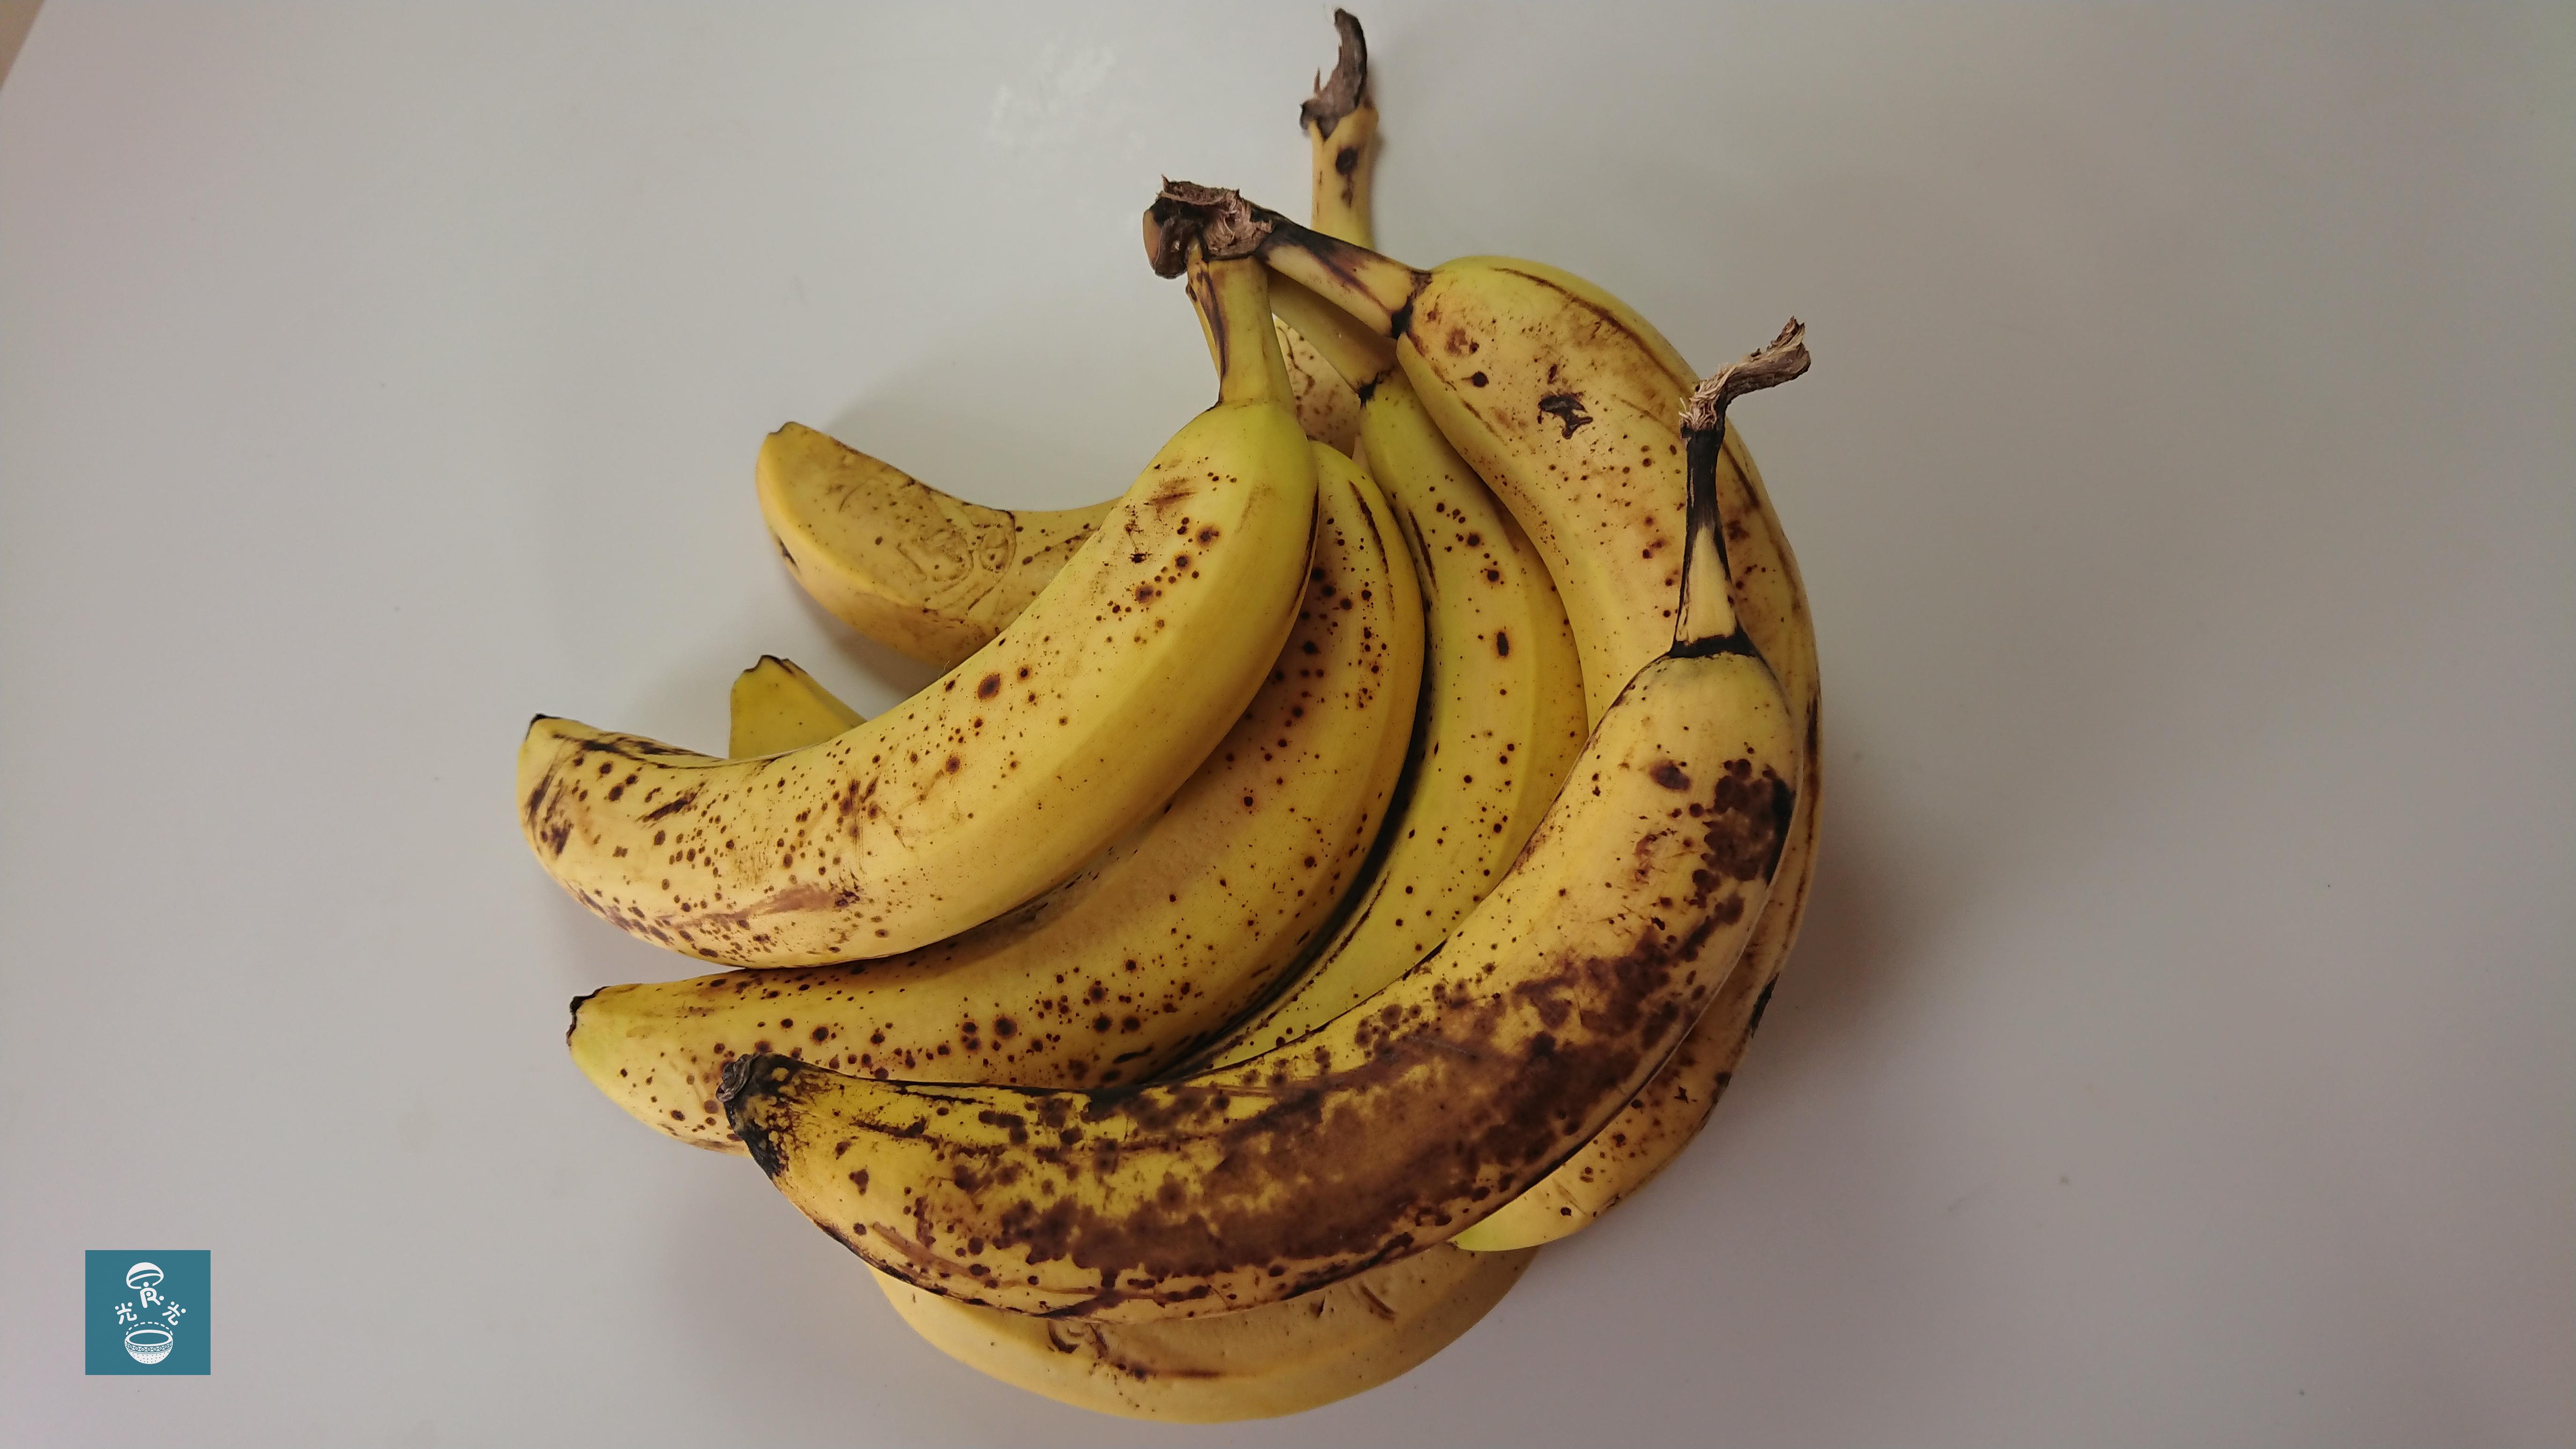 P_202007_bananacupcake (1)